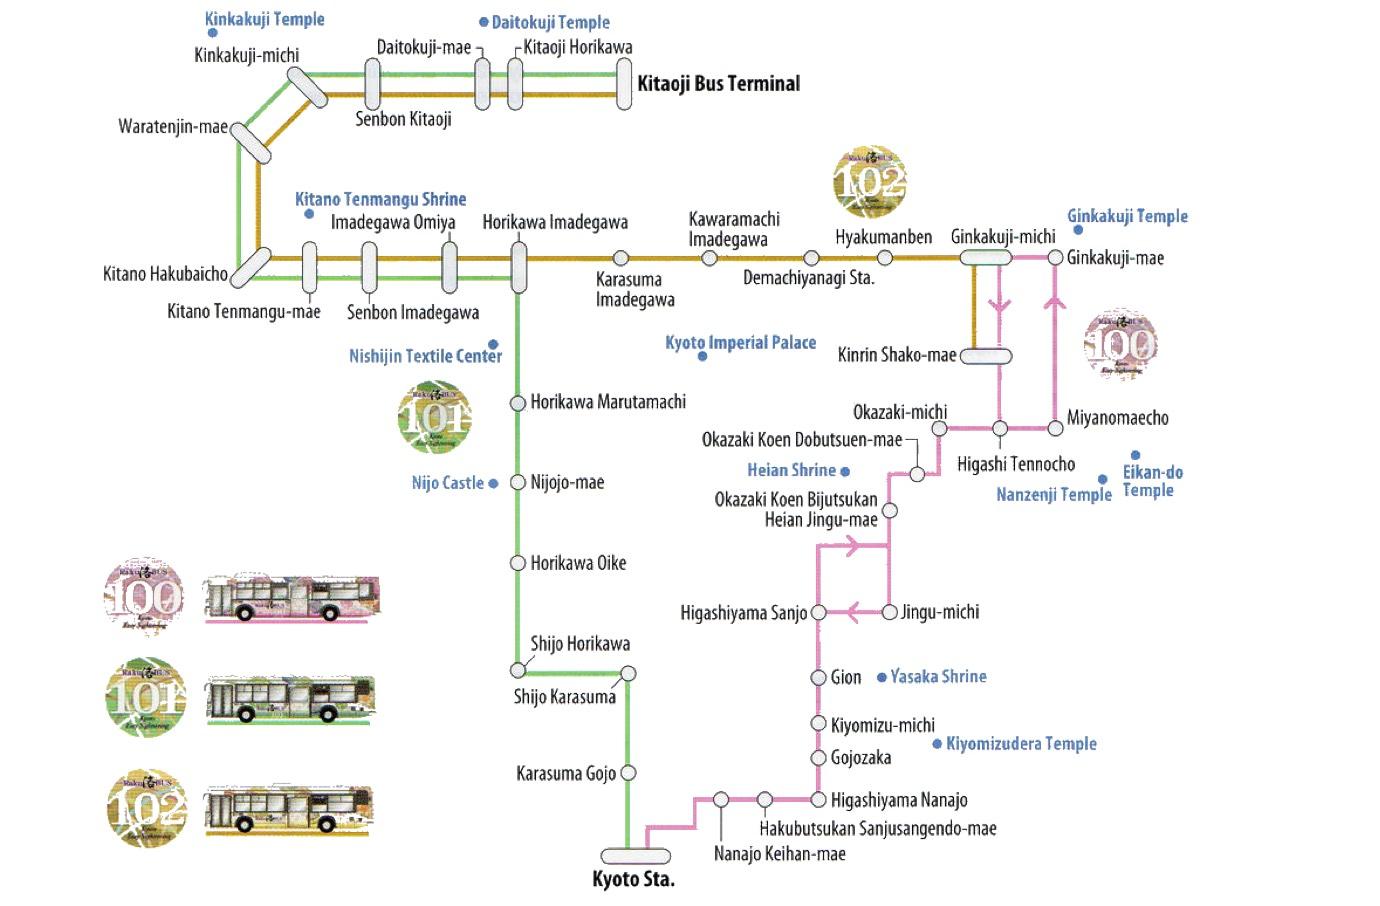 Les 3 bus de la ligne Raku permettent d'accéder aux temples majeurs